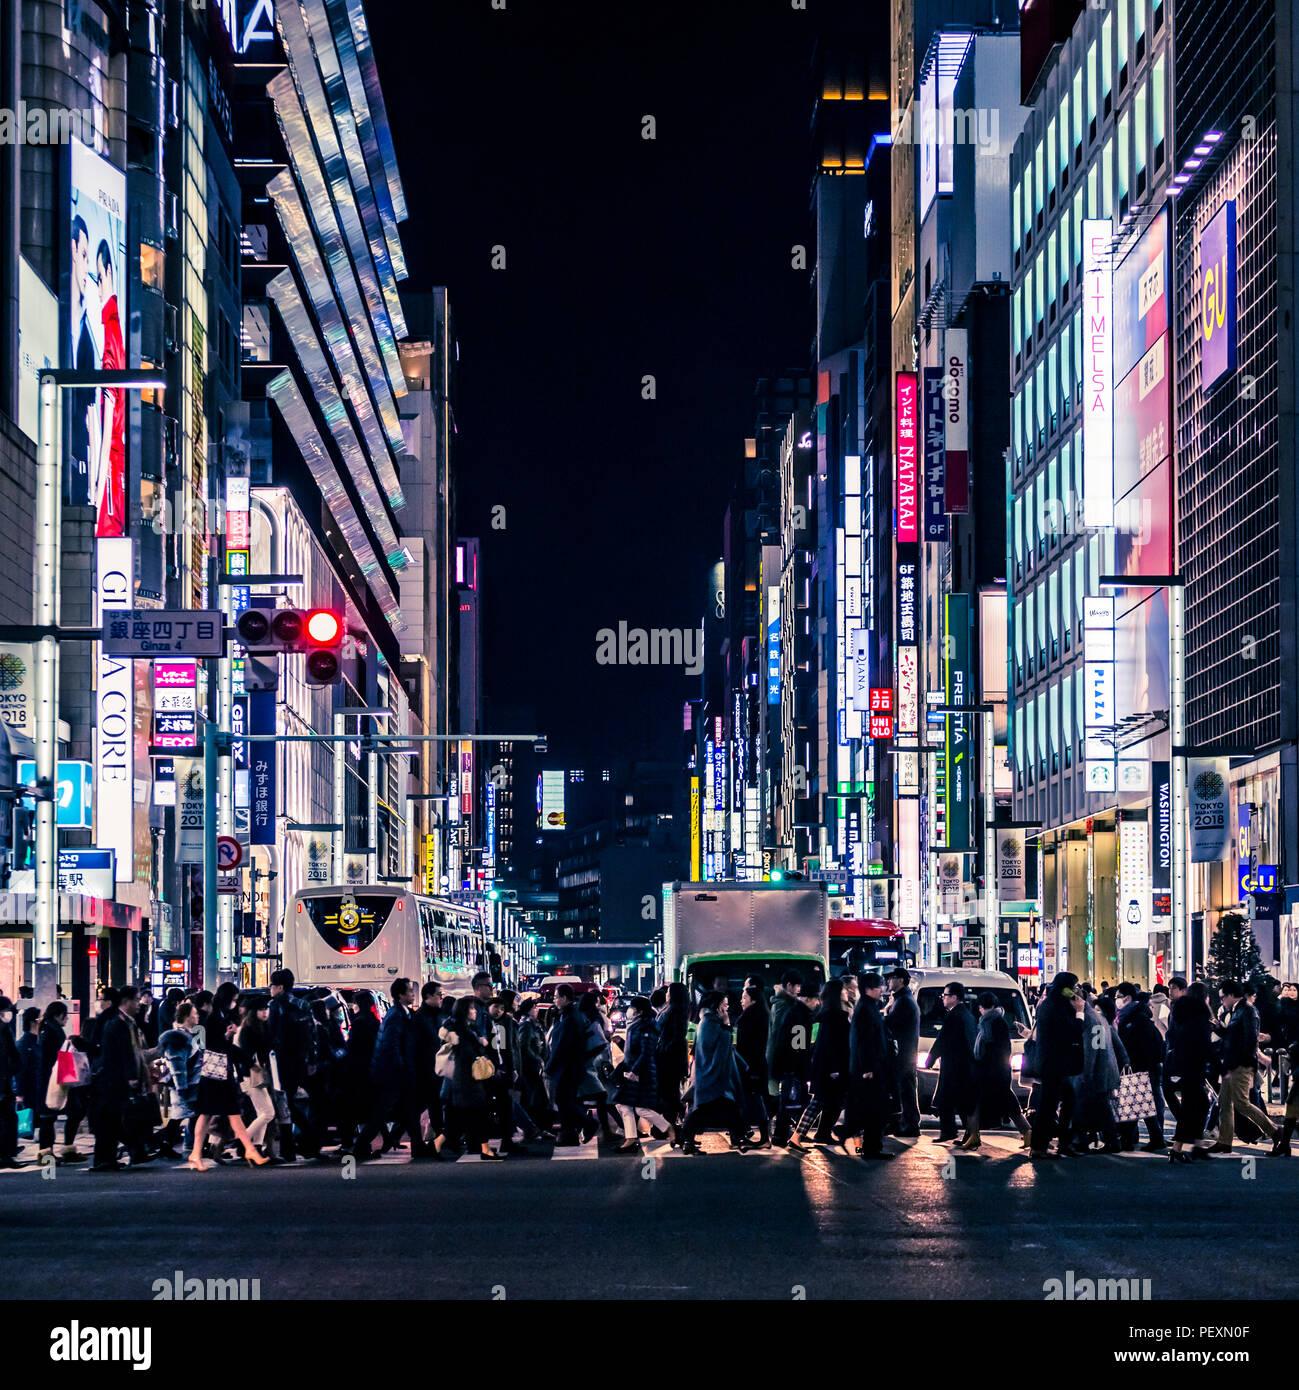 La folla di persone su strada nel quartiere di Ginza, Tokyo, Giappone Immagini Stock